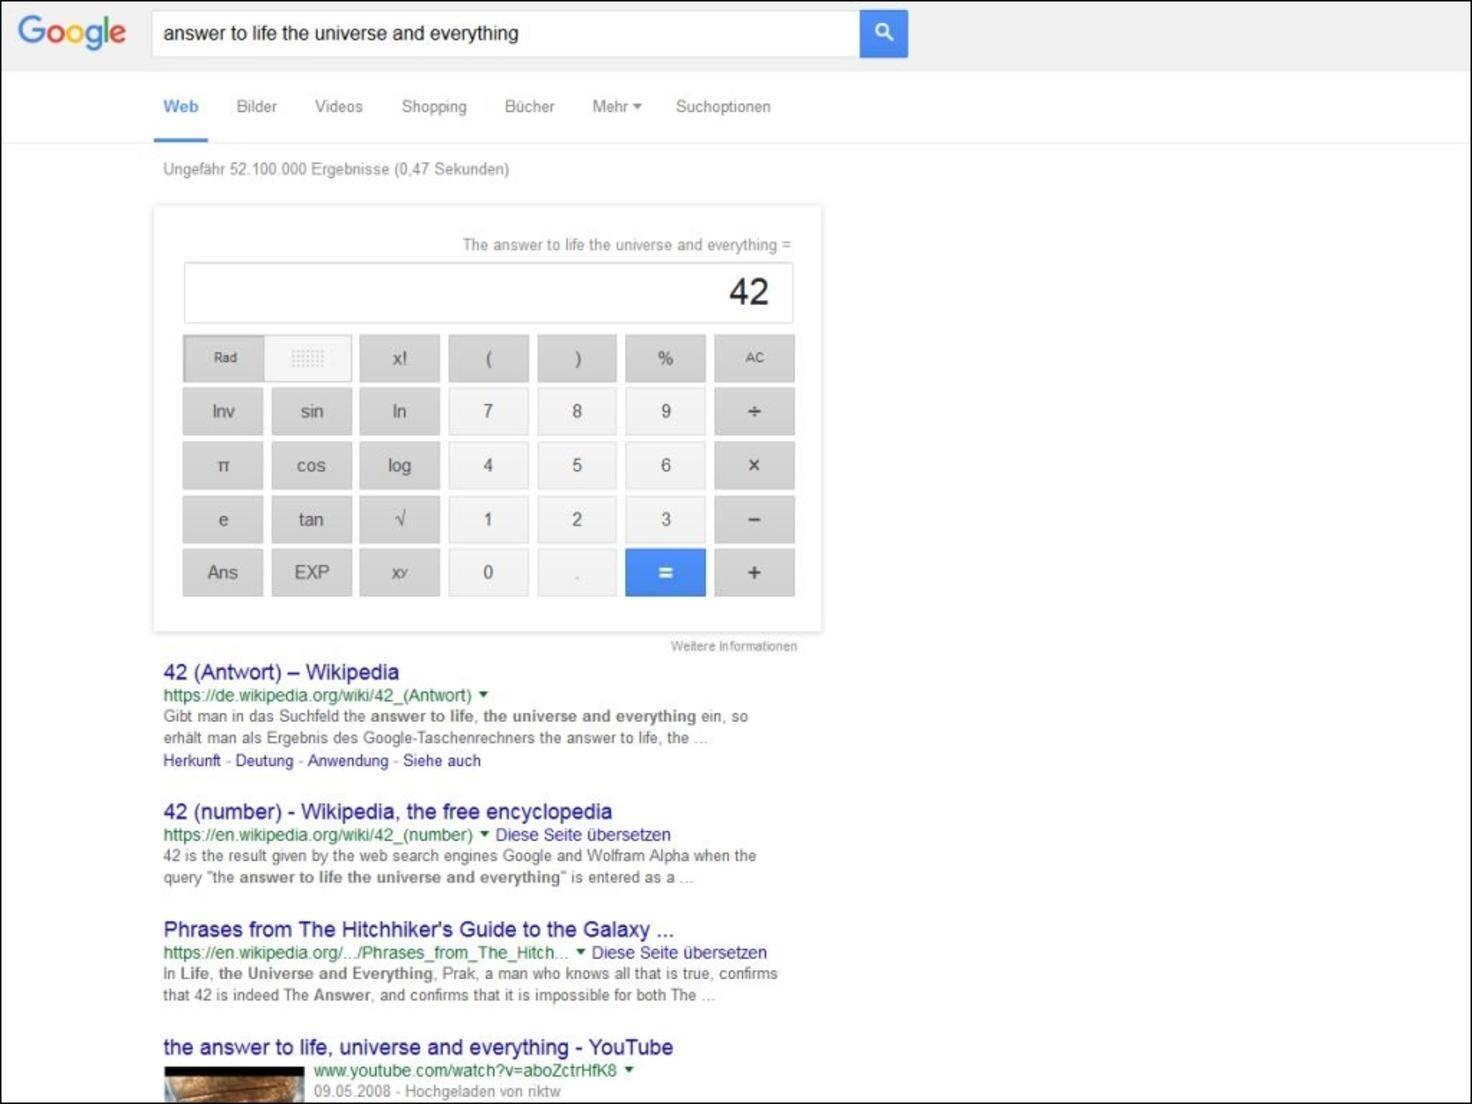 """Google hat ausgerechnet: Die Antwort auf die Frage nach dem Leben ist """"42""""."""